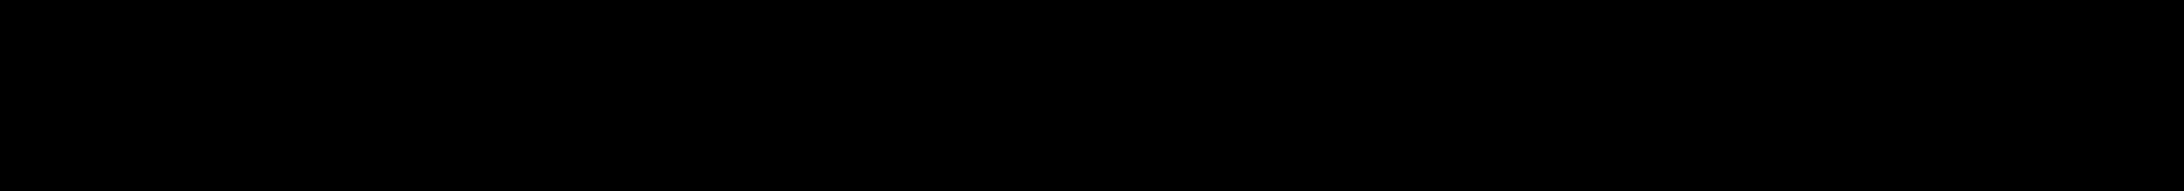 Doradani SemiBold Italic